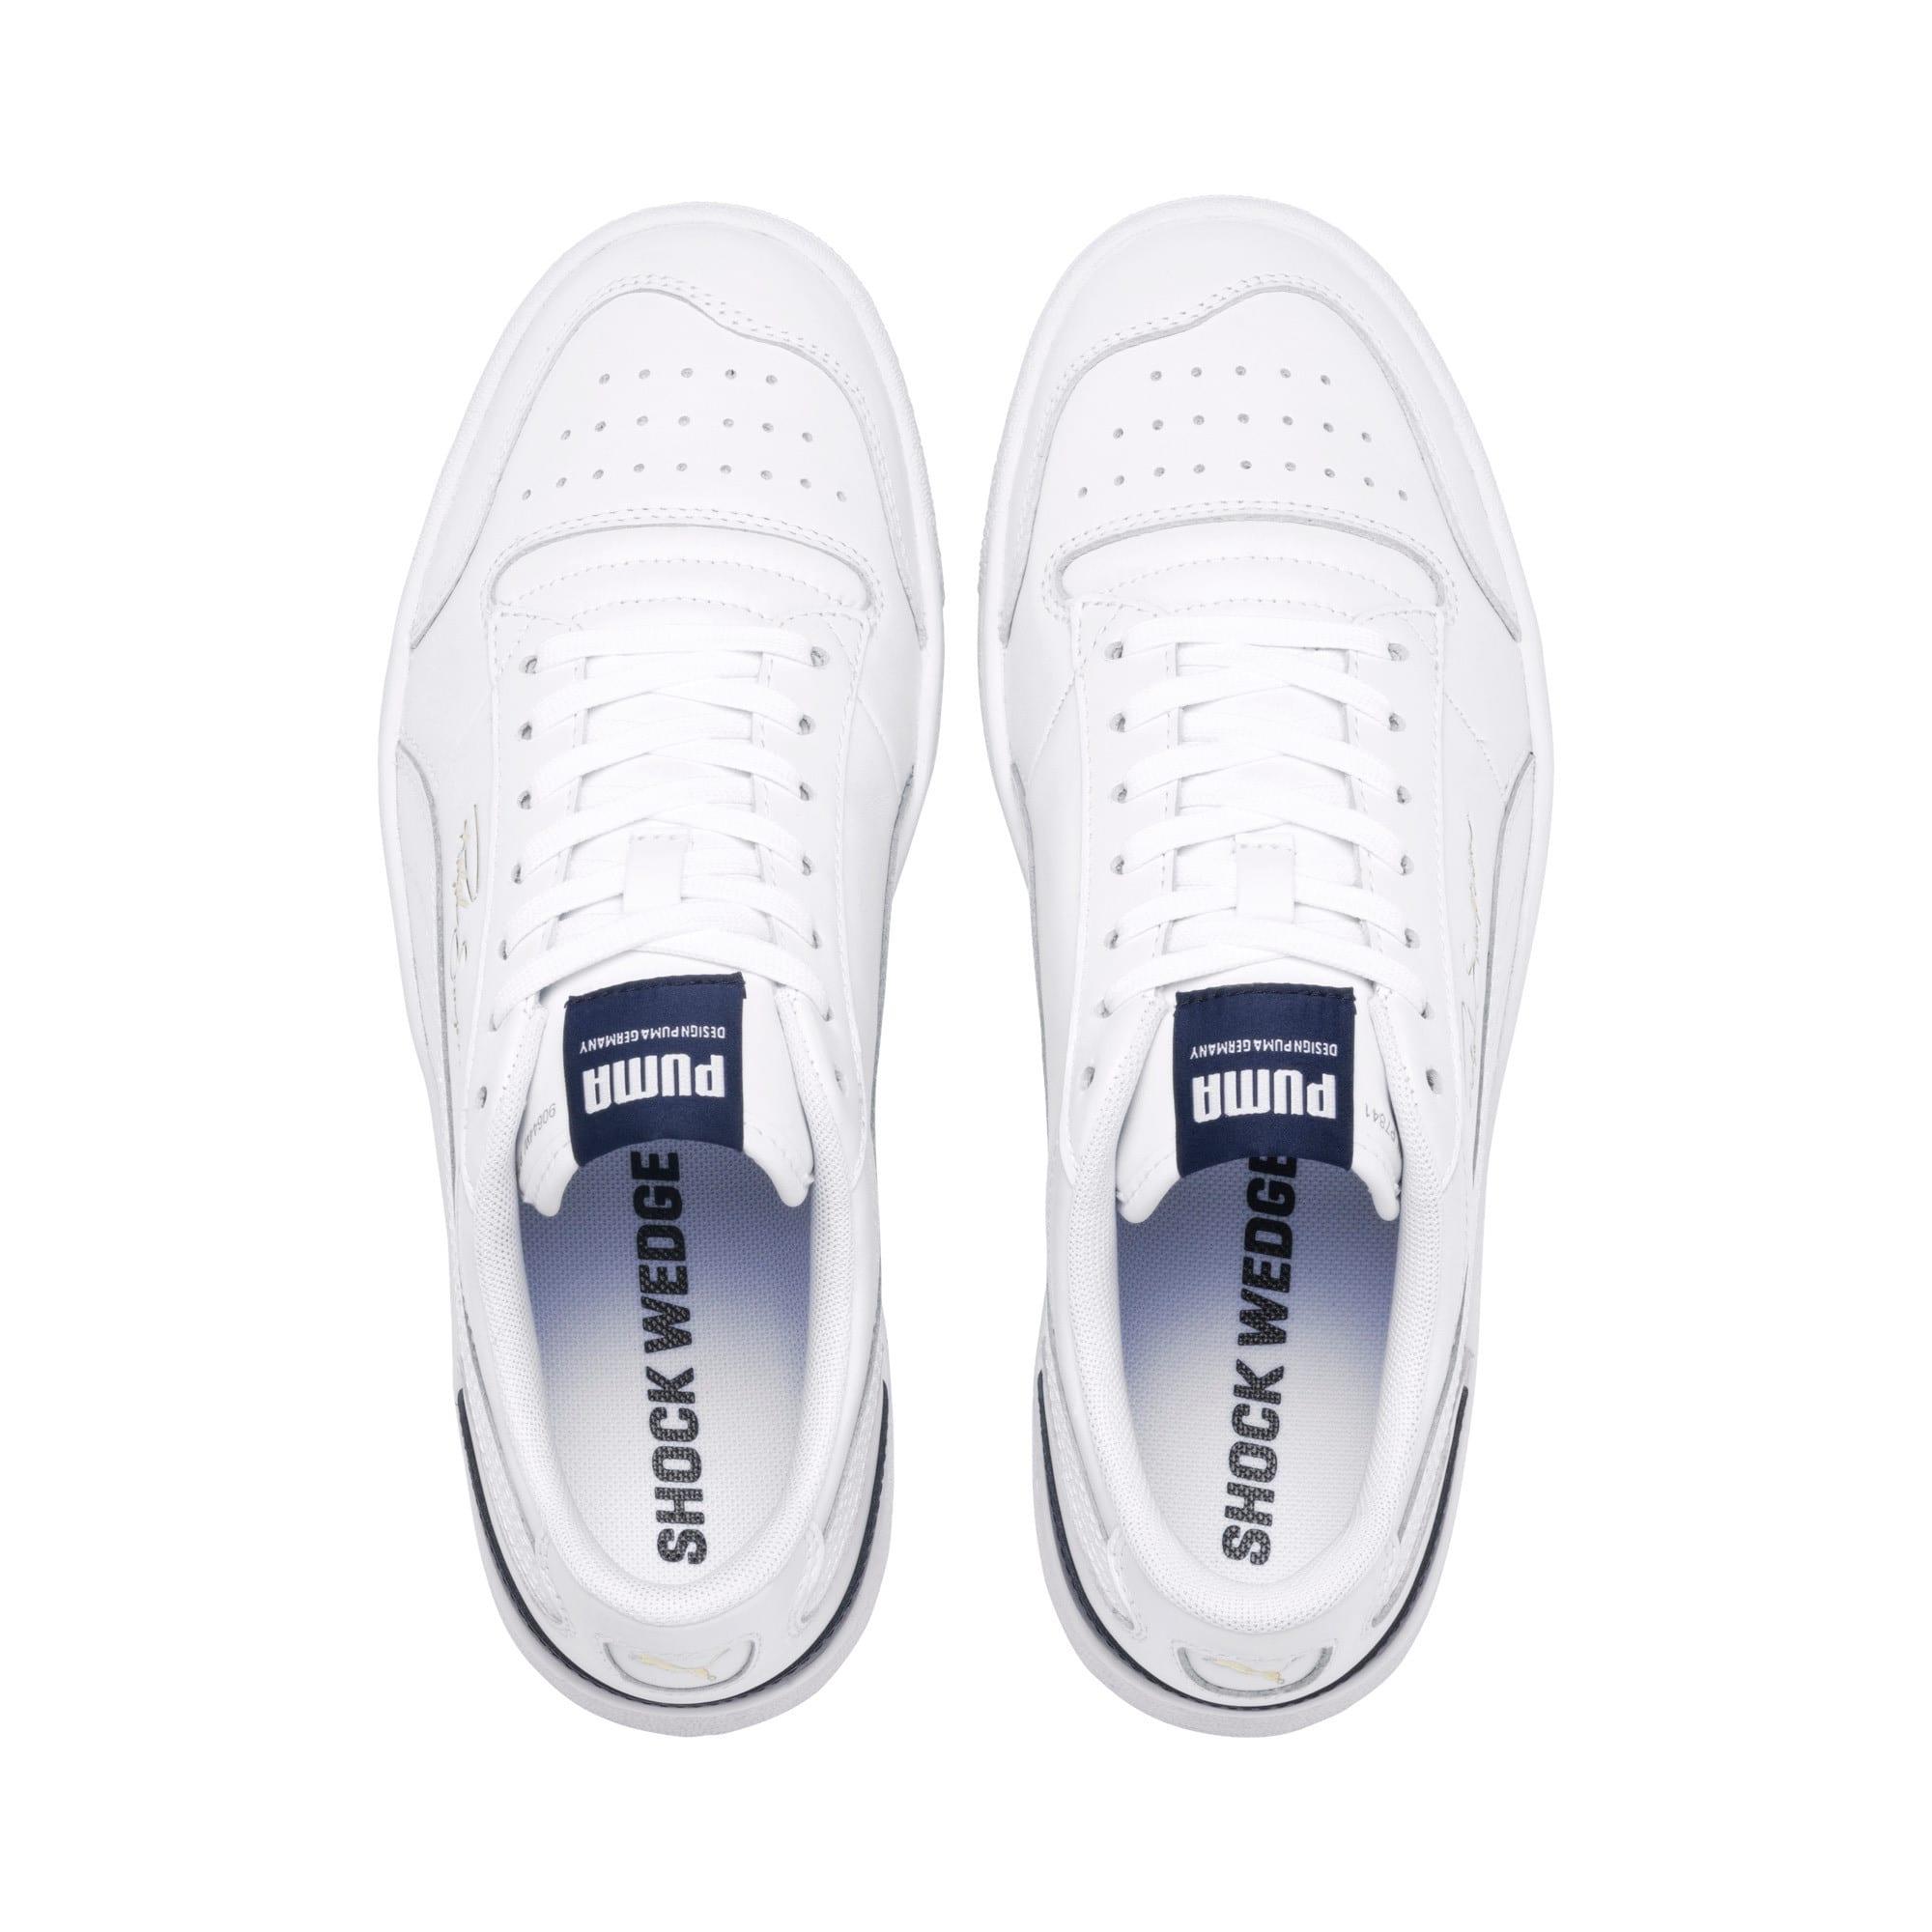 Miniatura 6 de Zapatos deportivosRalph Sampson Lo, Puma Wht-Peacoat-Puma Wht, mediano